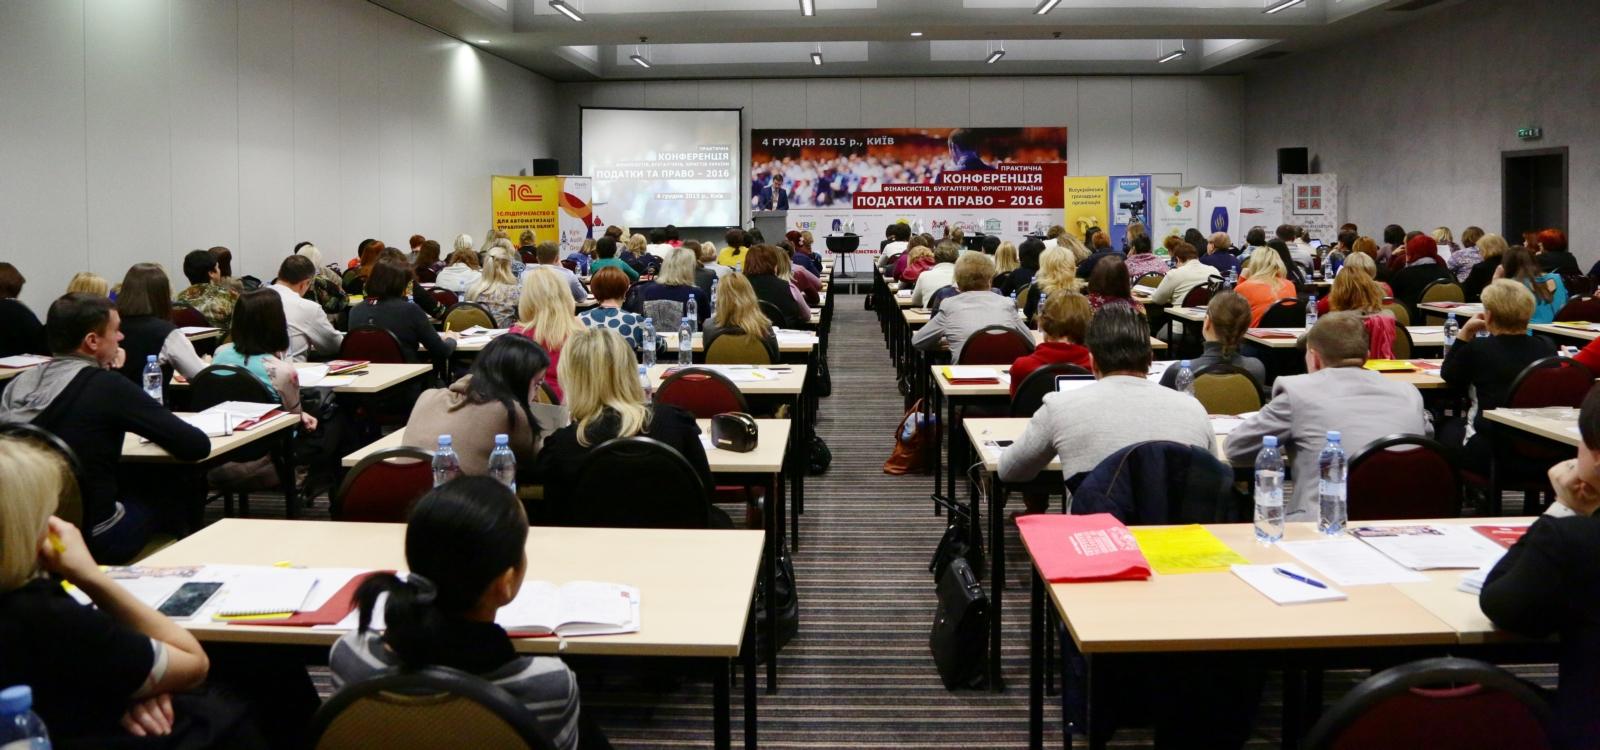 Конференція Податки та право -2016_ 00079 (Копировать)